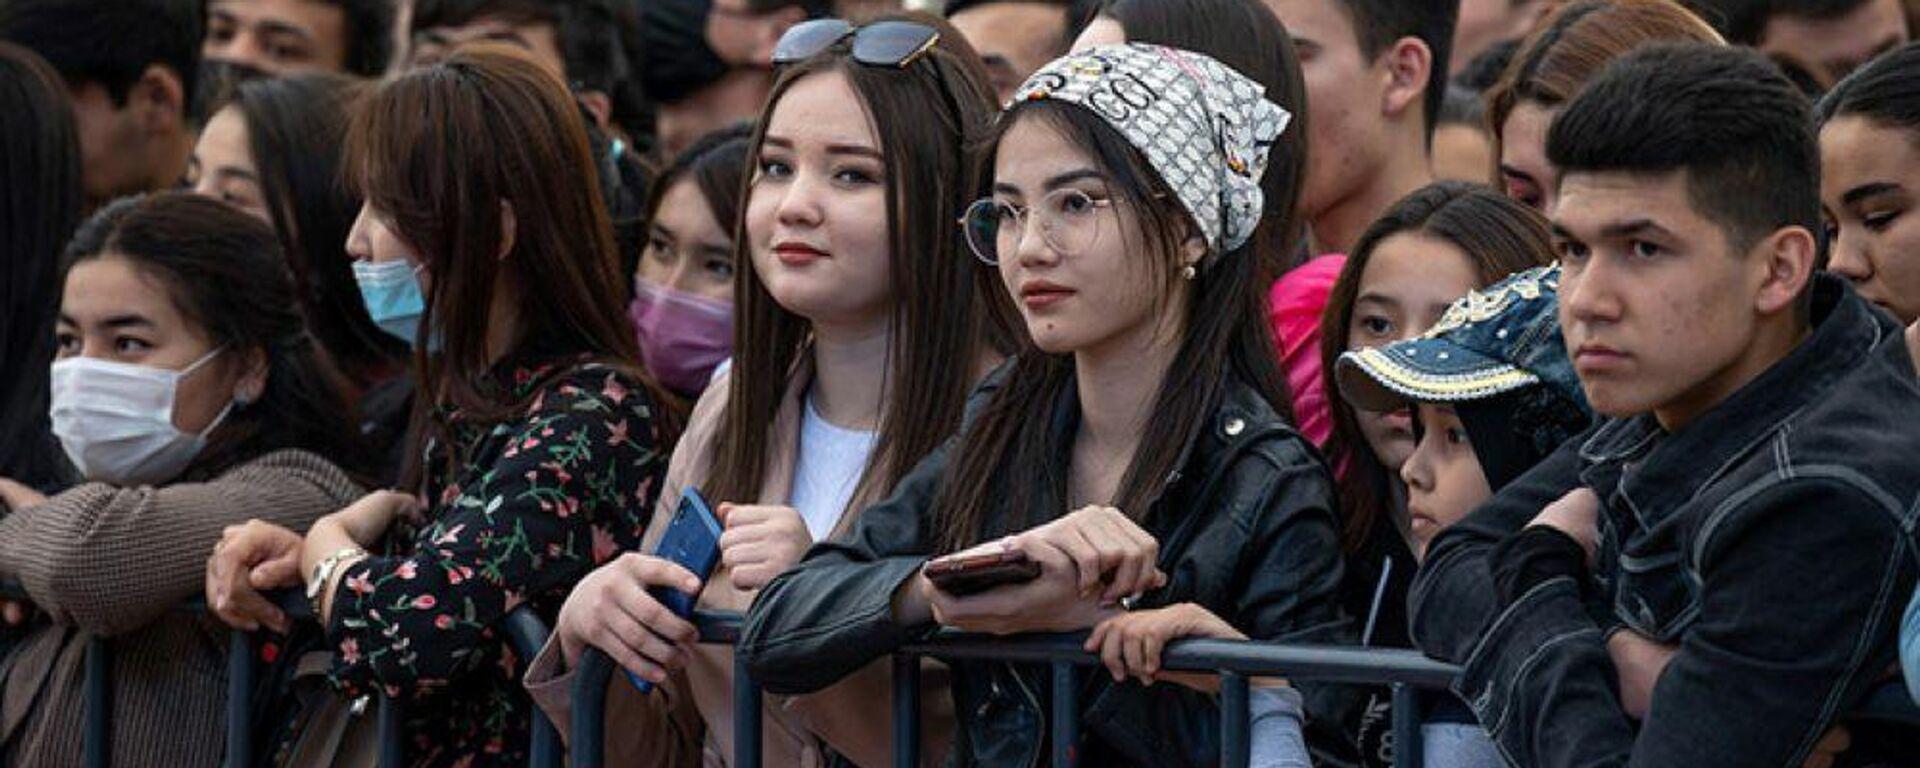 Как в Ташкенте прошел фестиваль Молодежь будущего - Sputnik Узбекистан, 1920, 15.07.2021